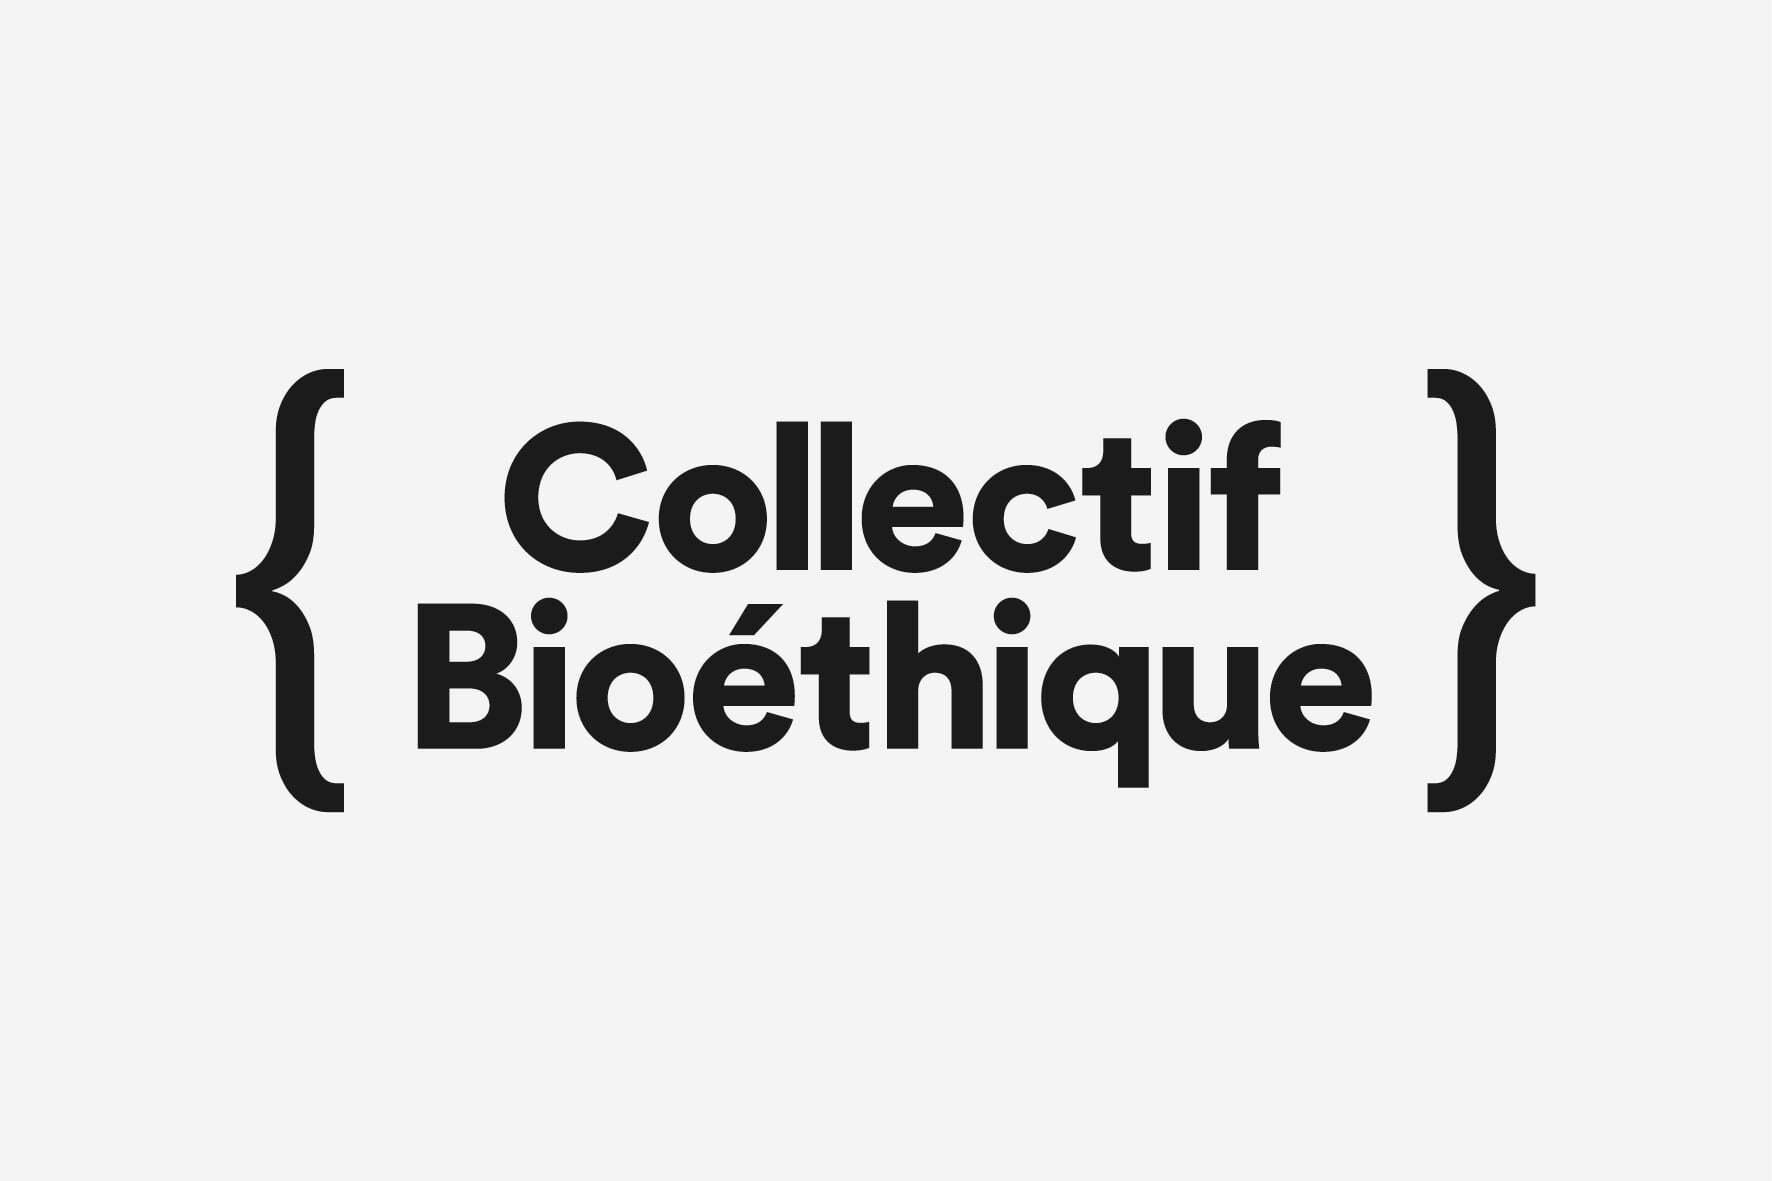 ls-lombaertstudio-logo-archive6